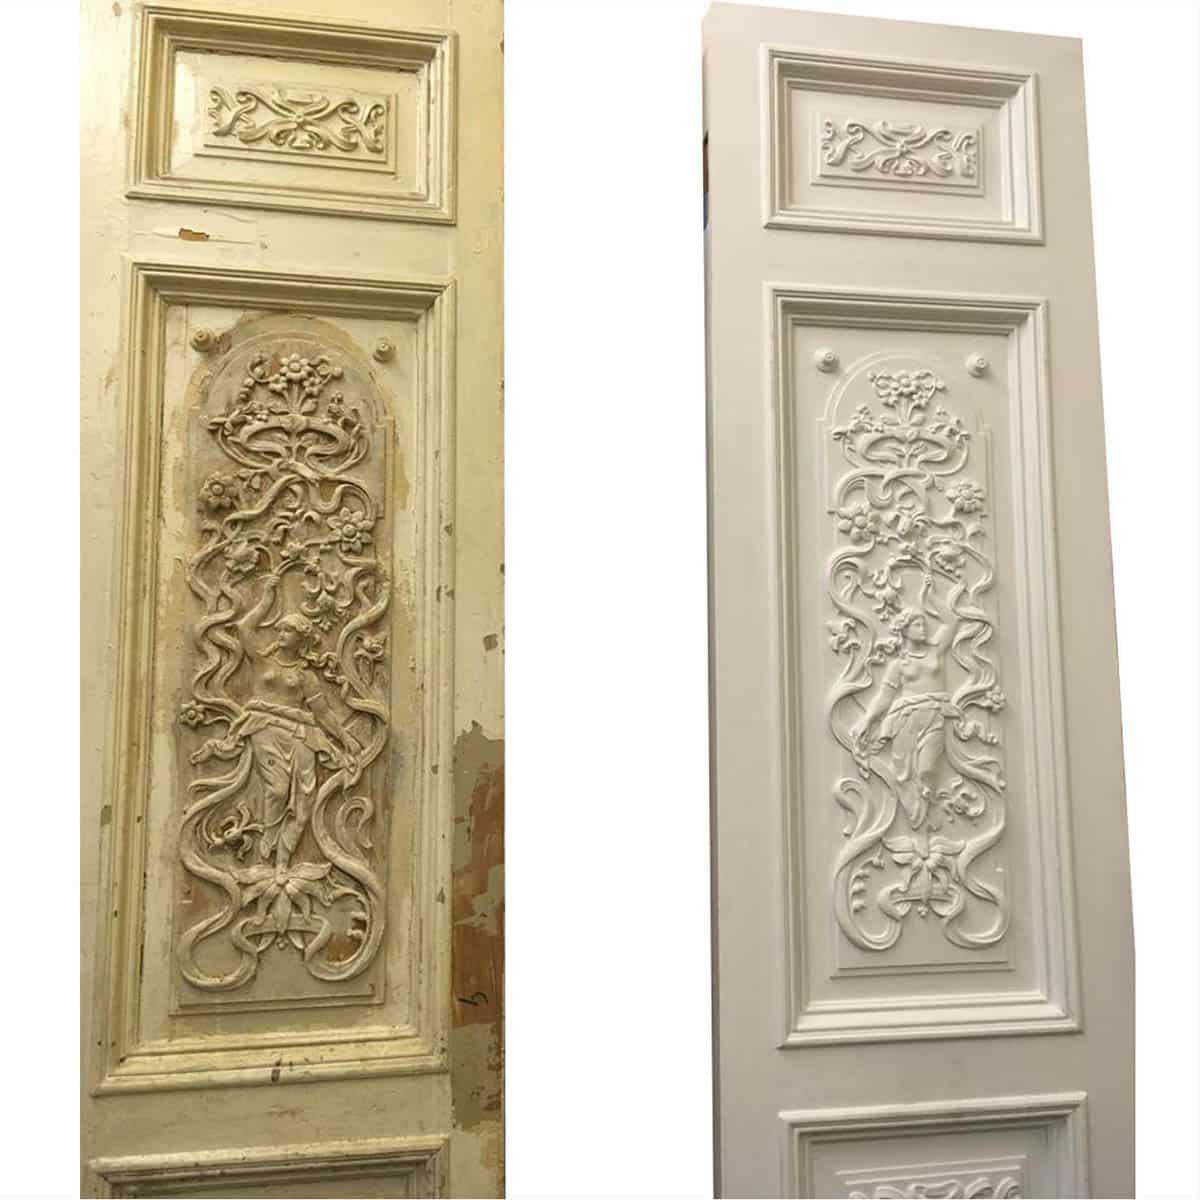 реставрация деревянной межкомнатной двери (старый фонд)